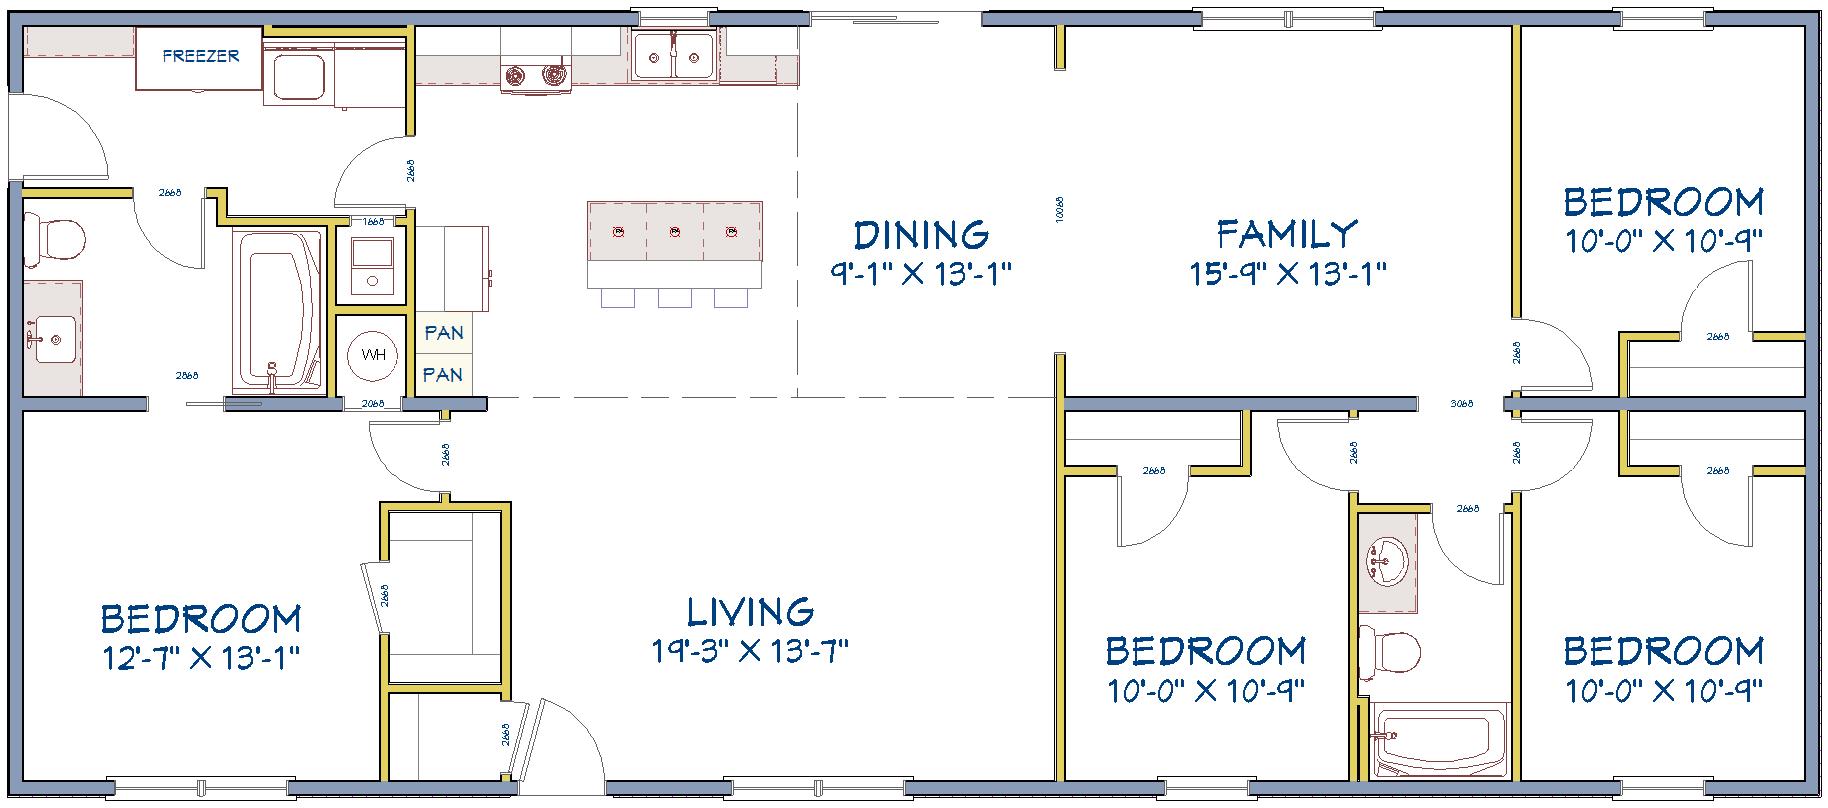 Keokuk-6428-29.png